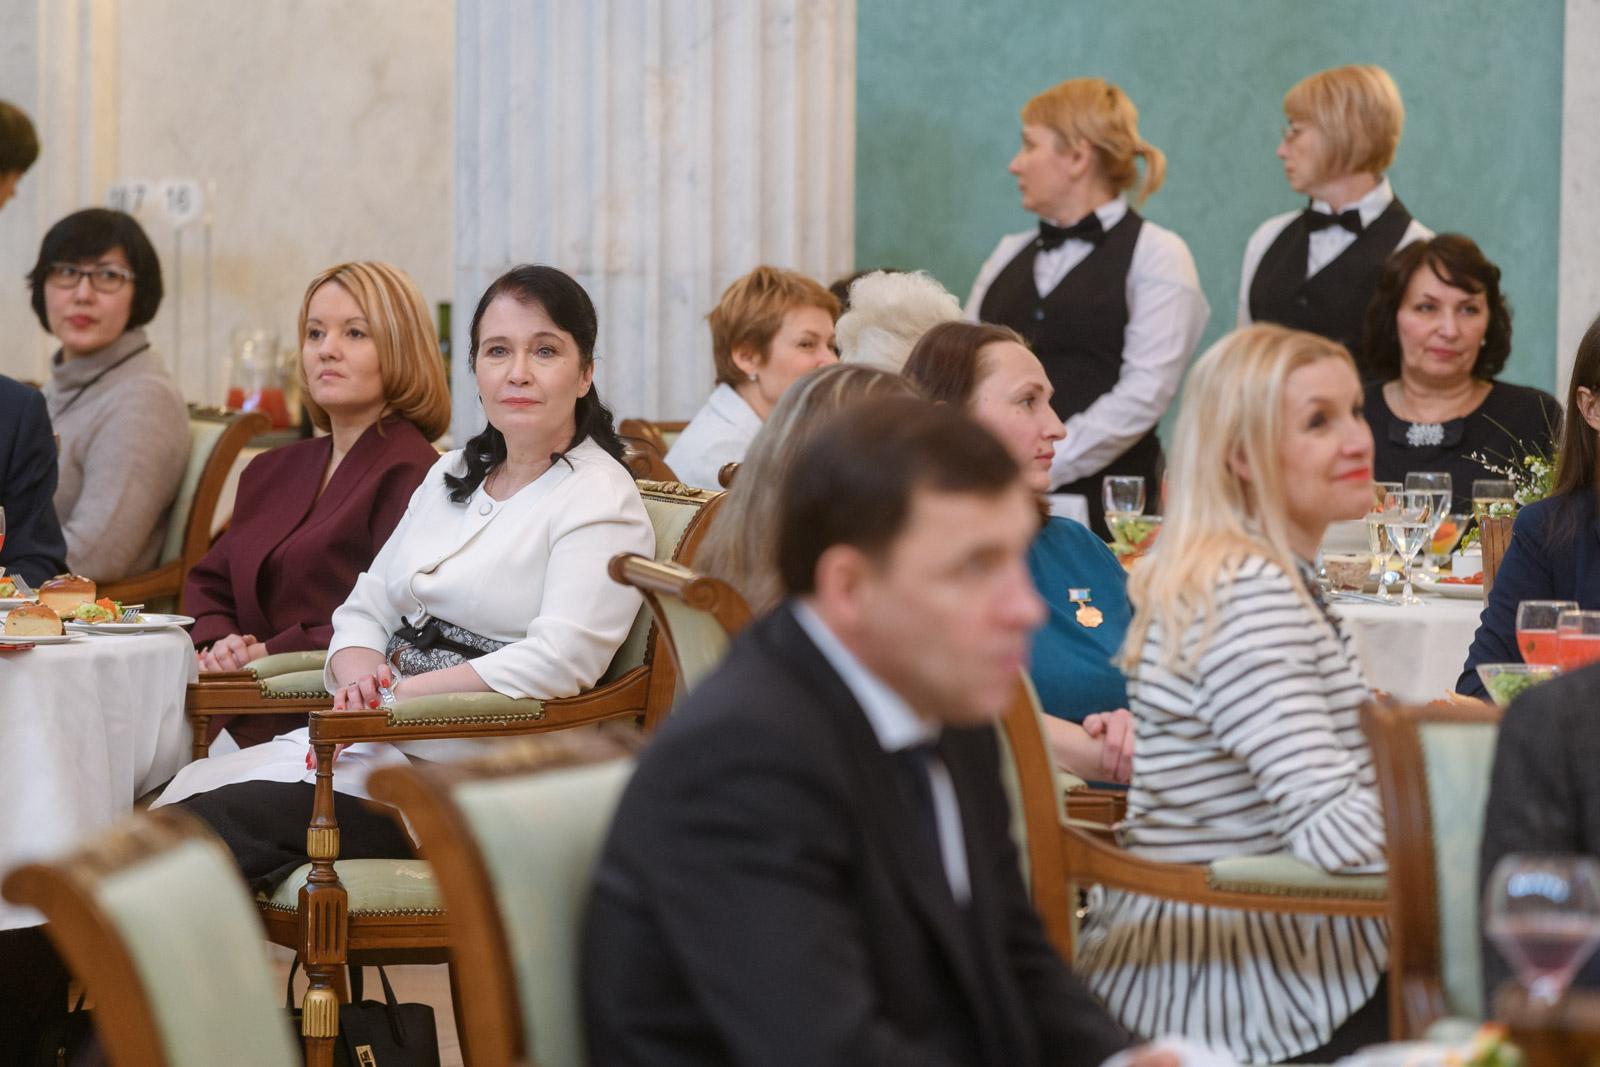 Евгений Куйвашев поздравил свердловчанок с Международным женским днем на торжественном приеме